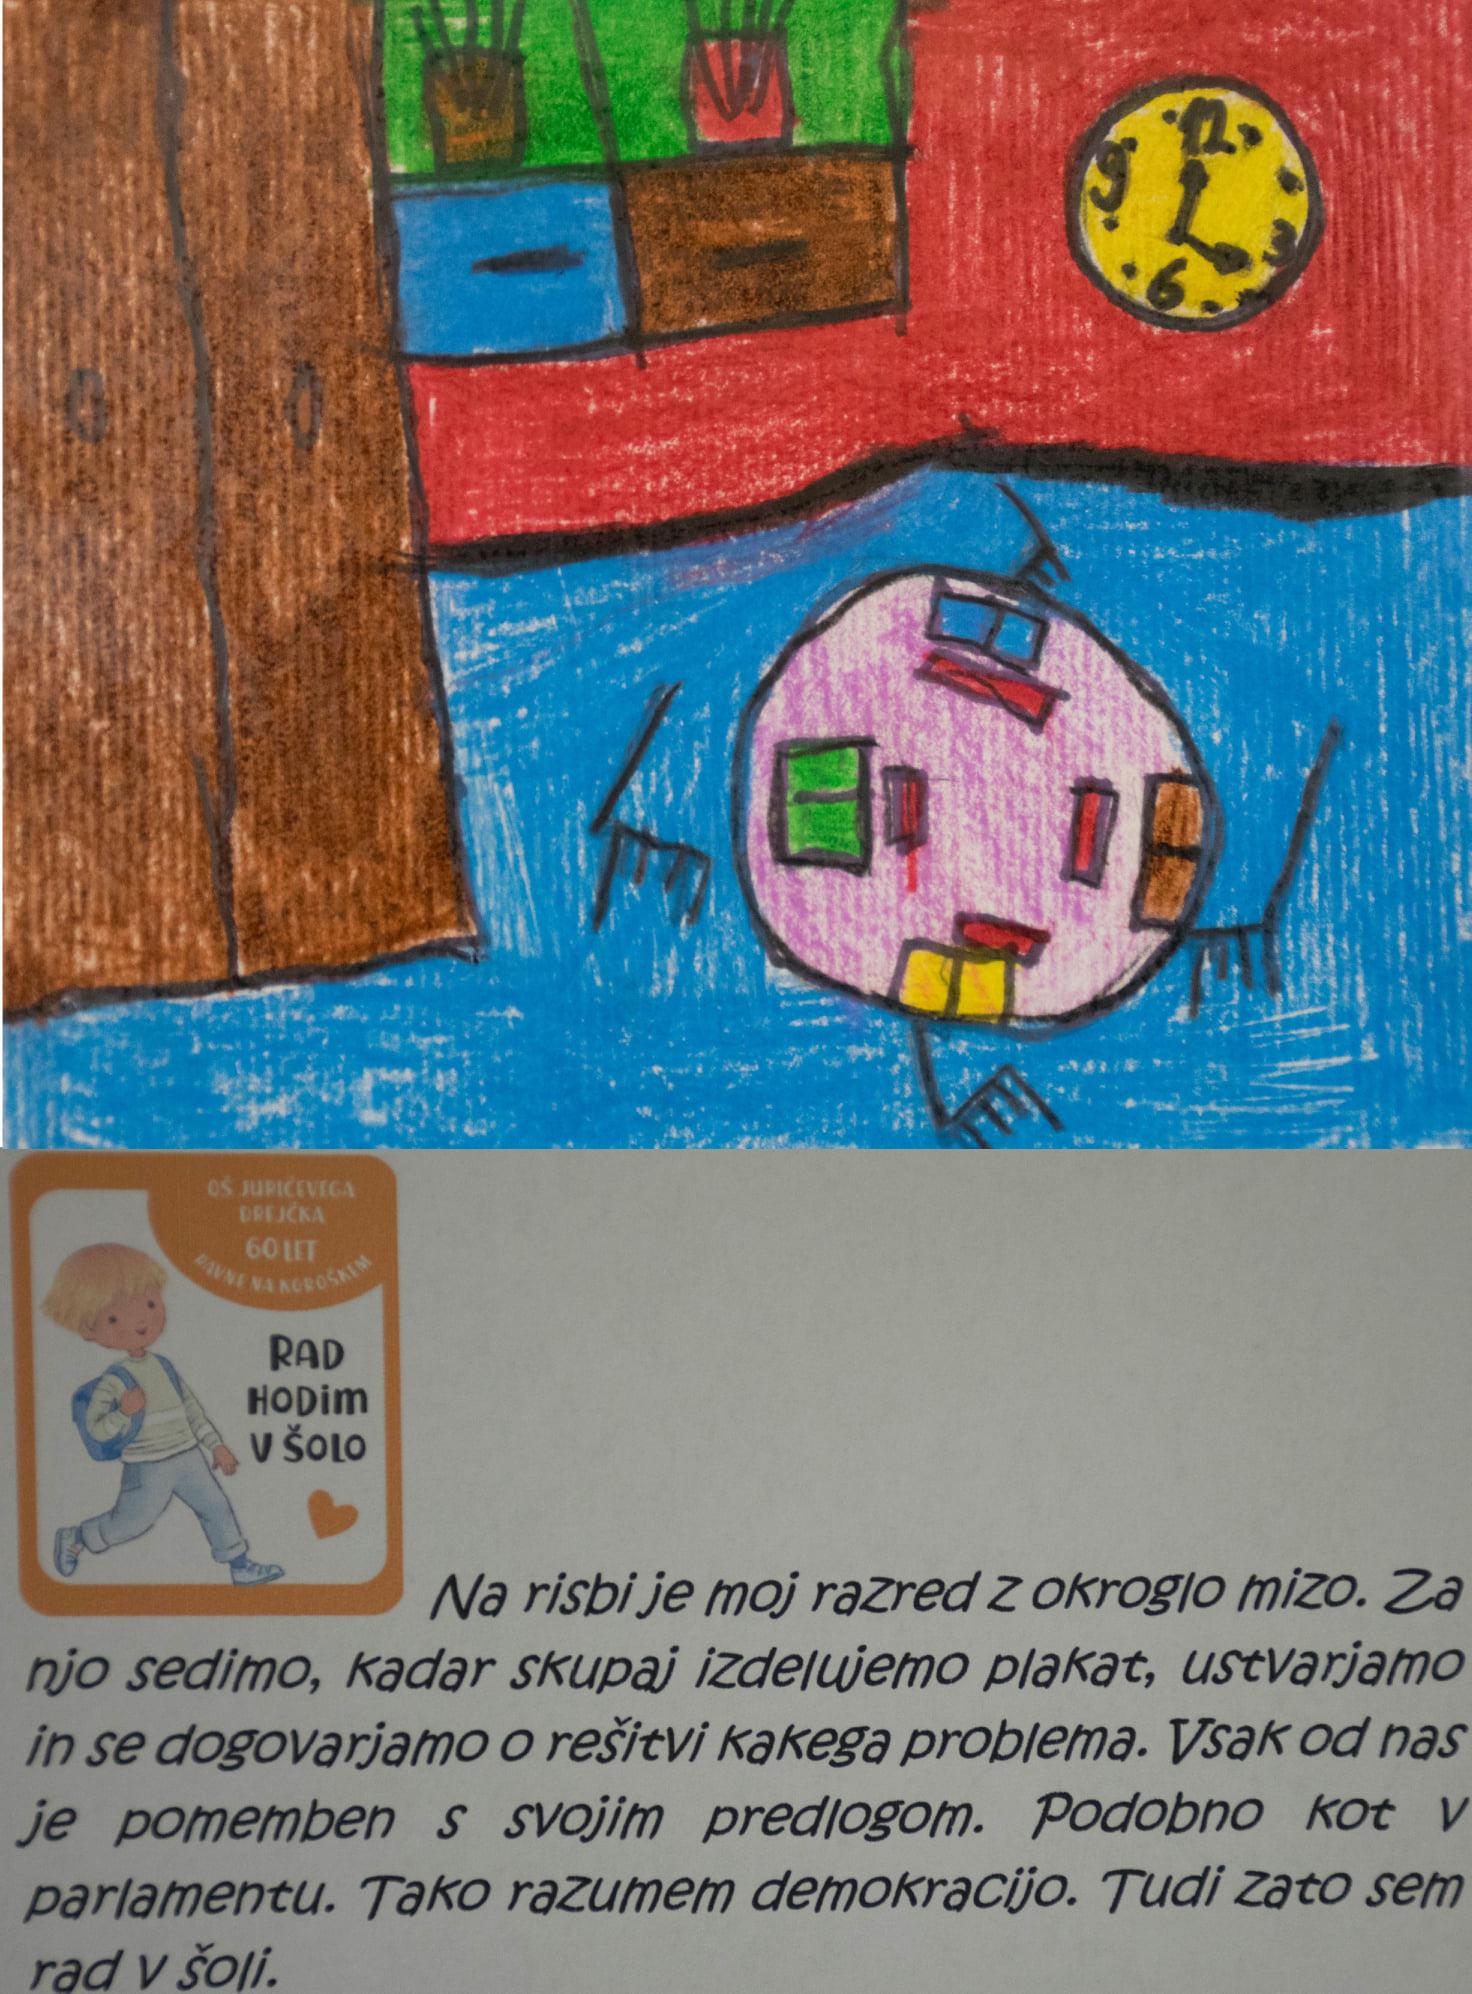 risbice-oc5a1-jd-9